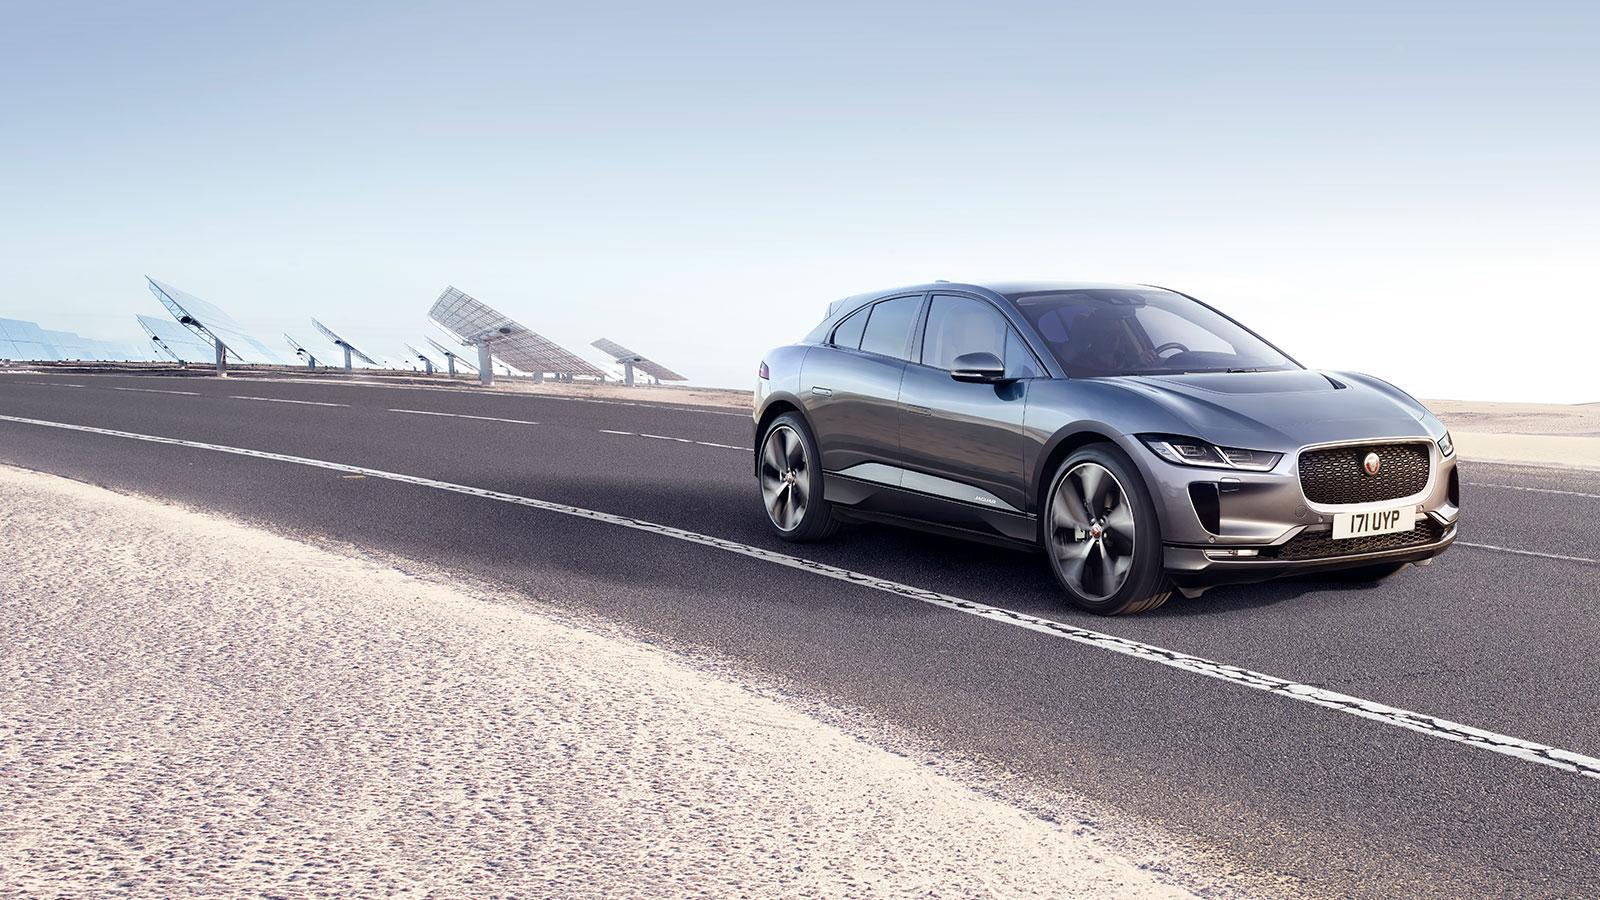 捷豹I-PACE 12月称霸荷兰汽车市场 完胜特斯拉